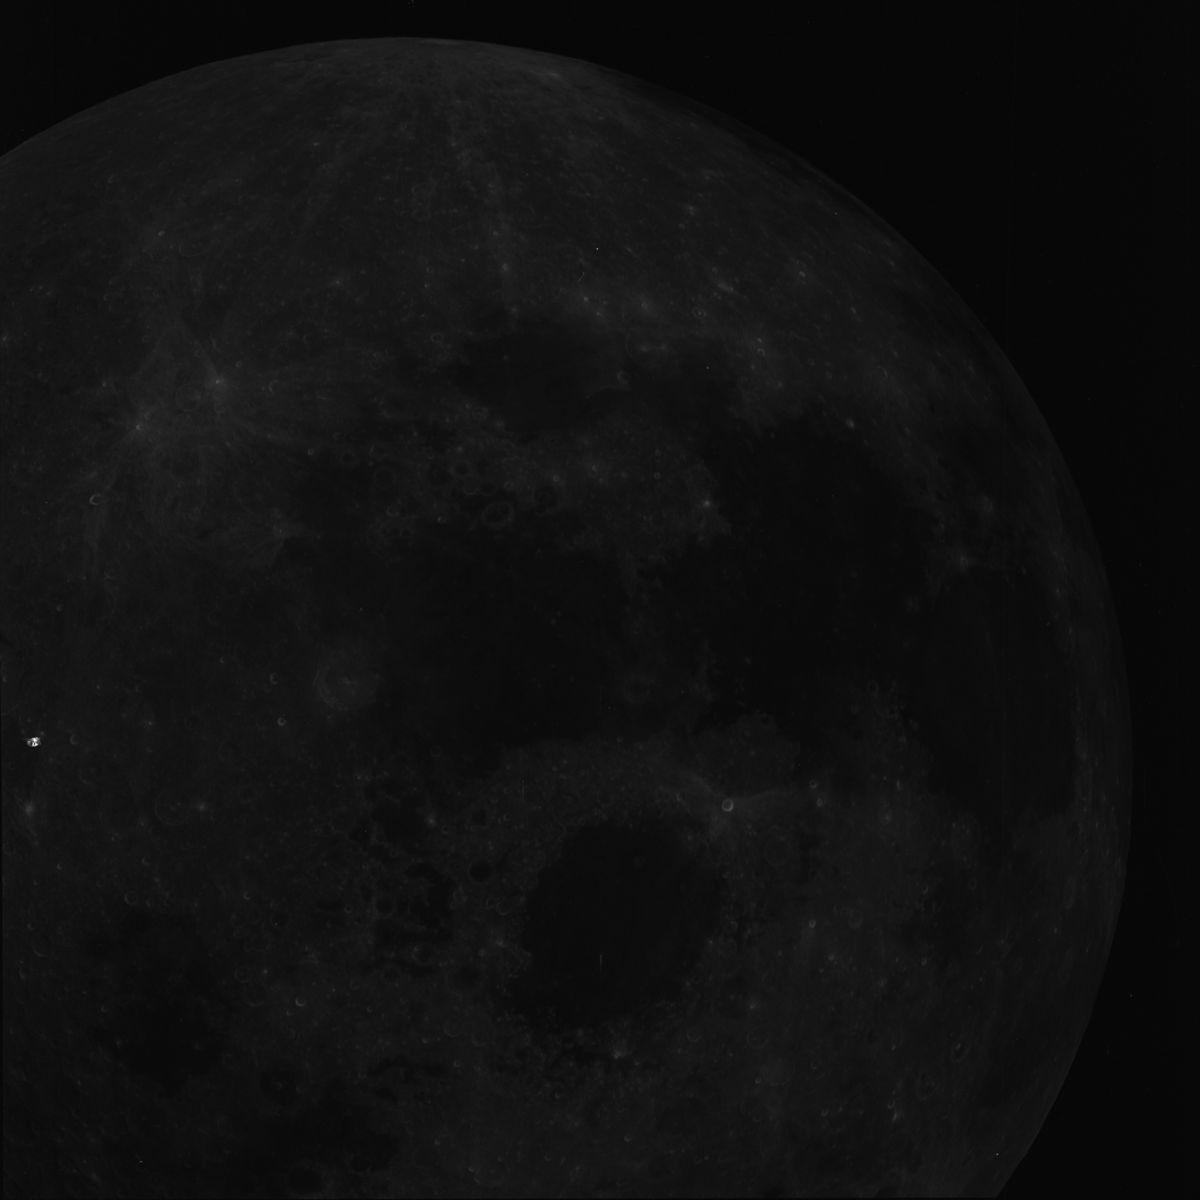 Una posible nave se «oculta» en el lado izquierdo medio de la imagen. ¿Se trata de una nave extraterrestre? Clic para agrandar